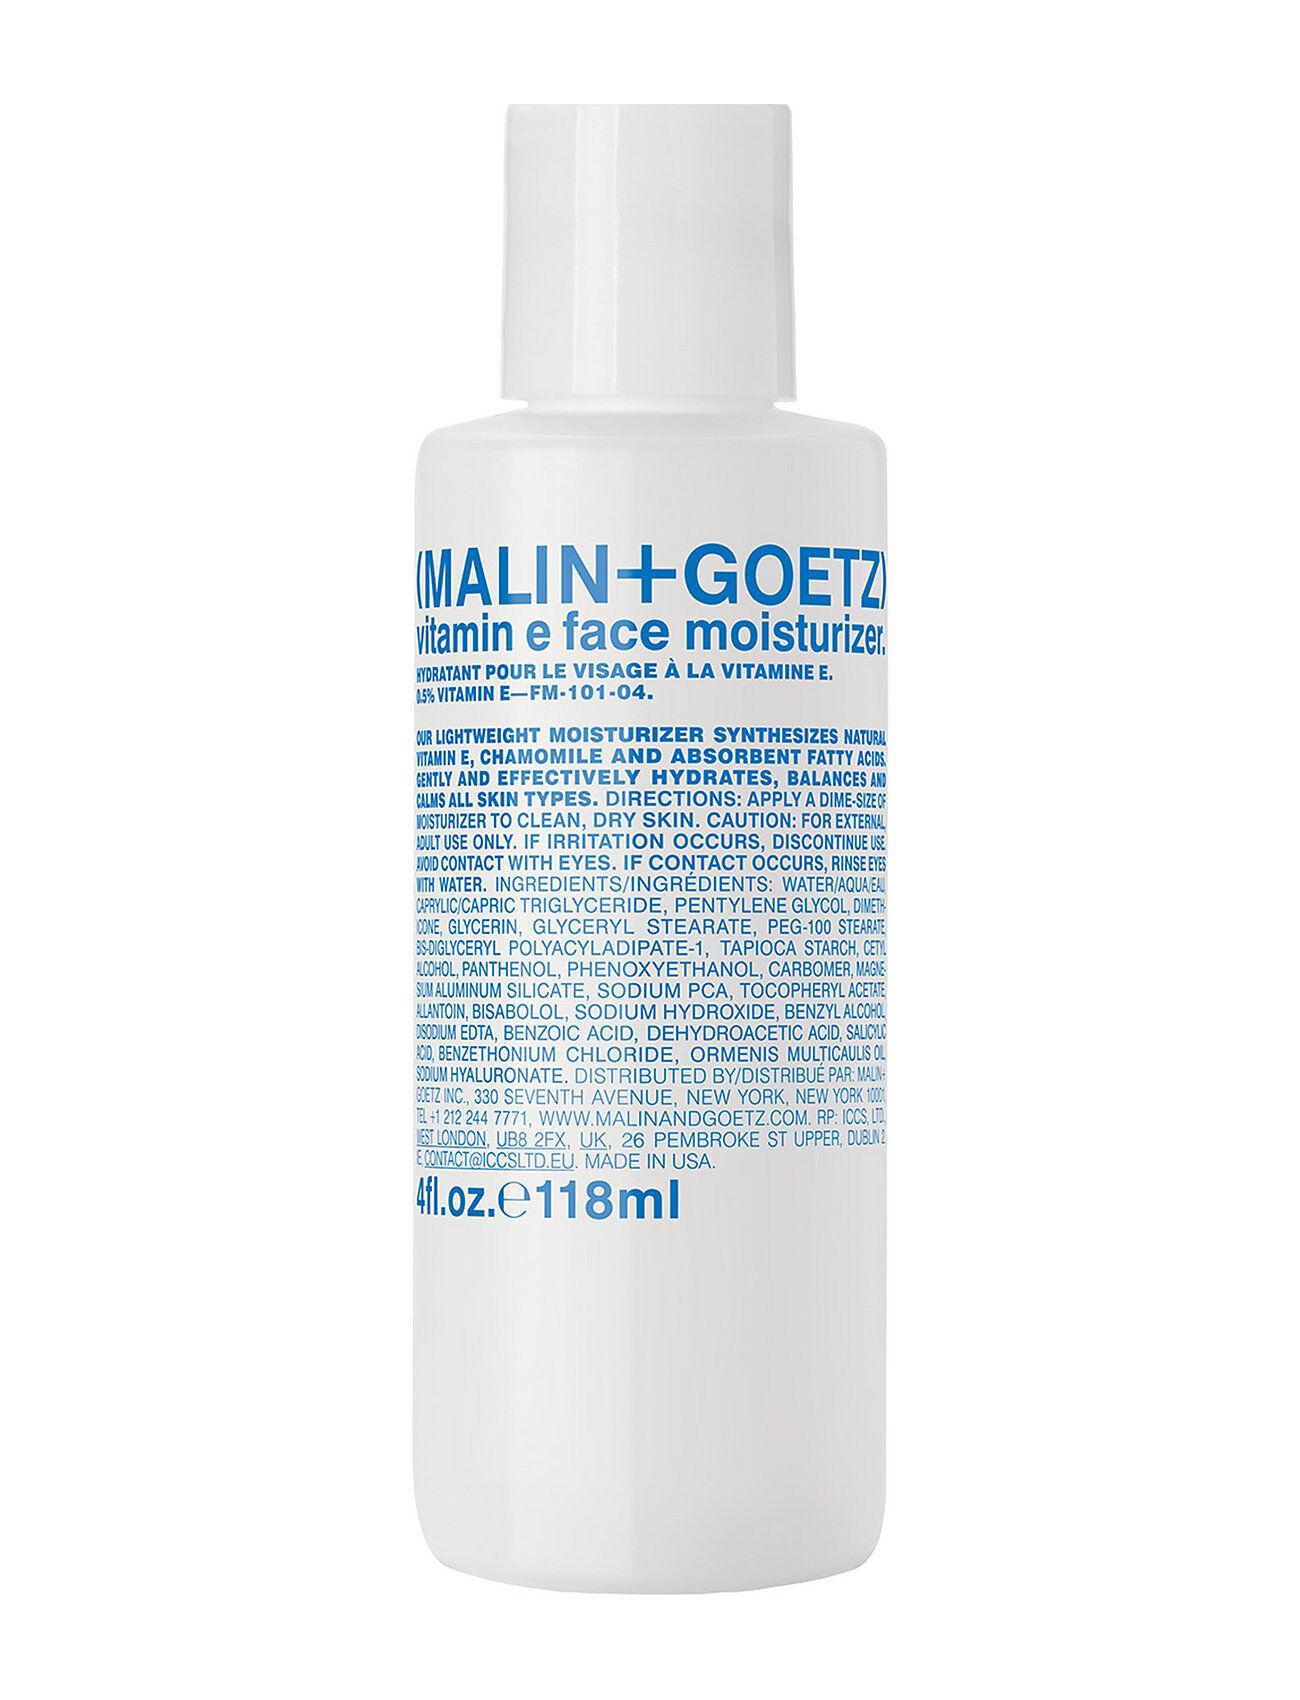 MALIN+GOETZ Vitamin E Face Moisturizer Kosteusvoide Kasvovoide Ihonhoito Nude MALIN+GOETZ